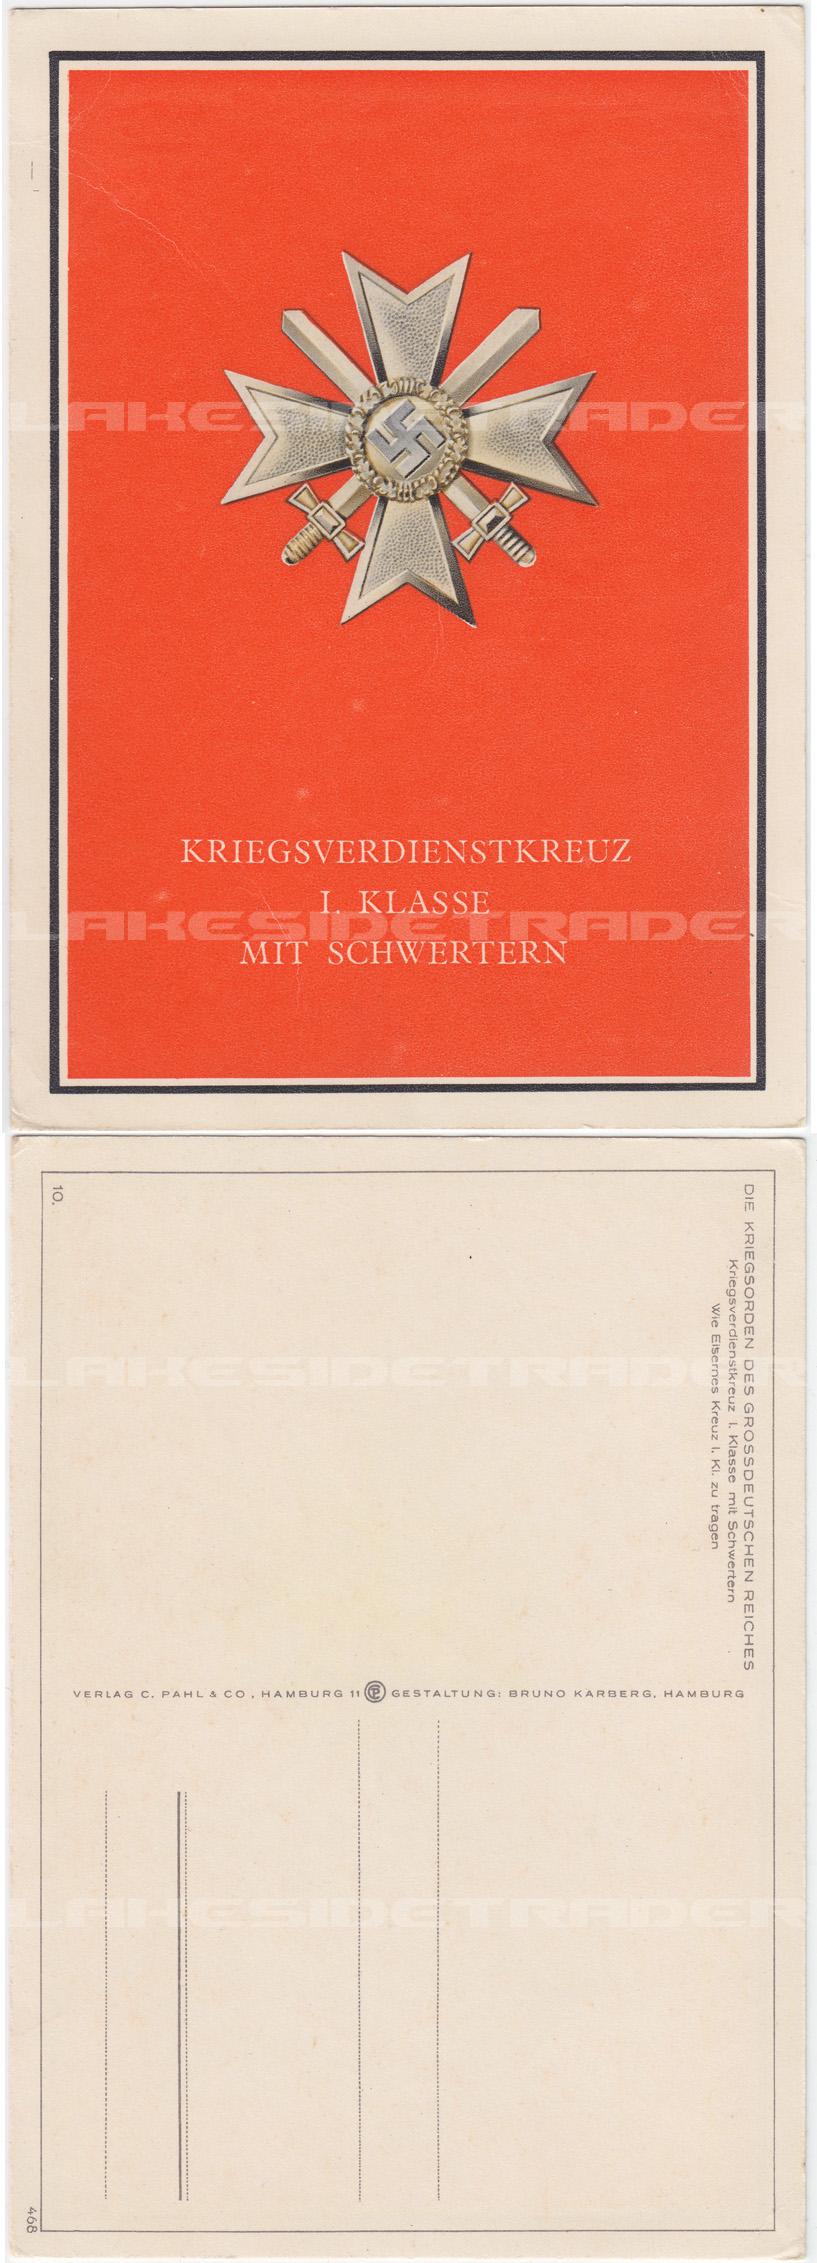 1st Class War Merit Cross Postcard